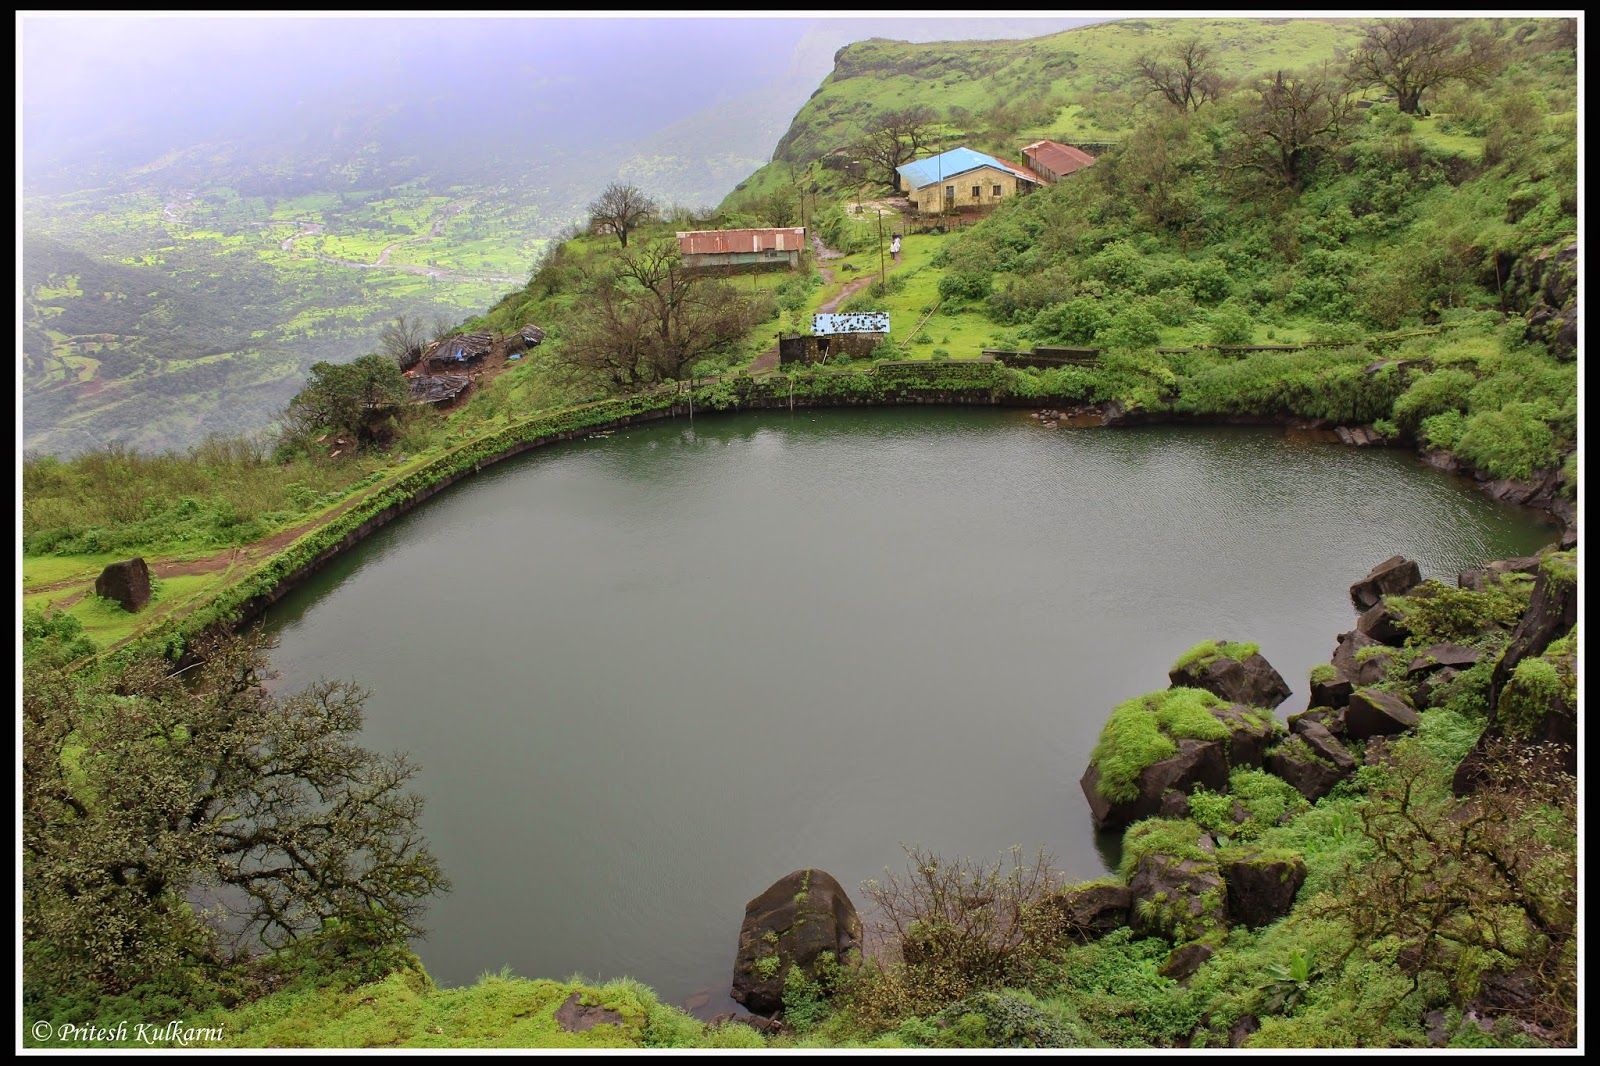 Ganga Sagar Lake